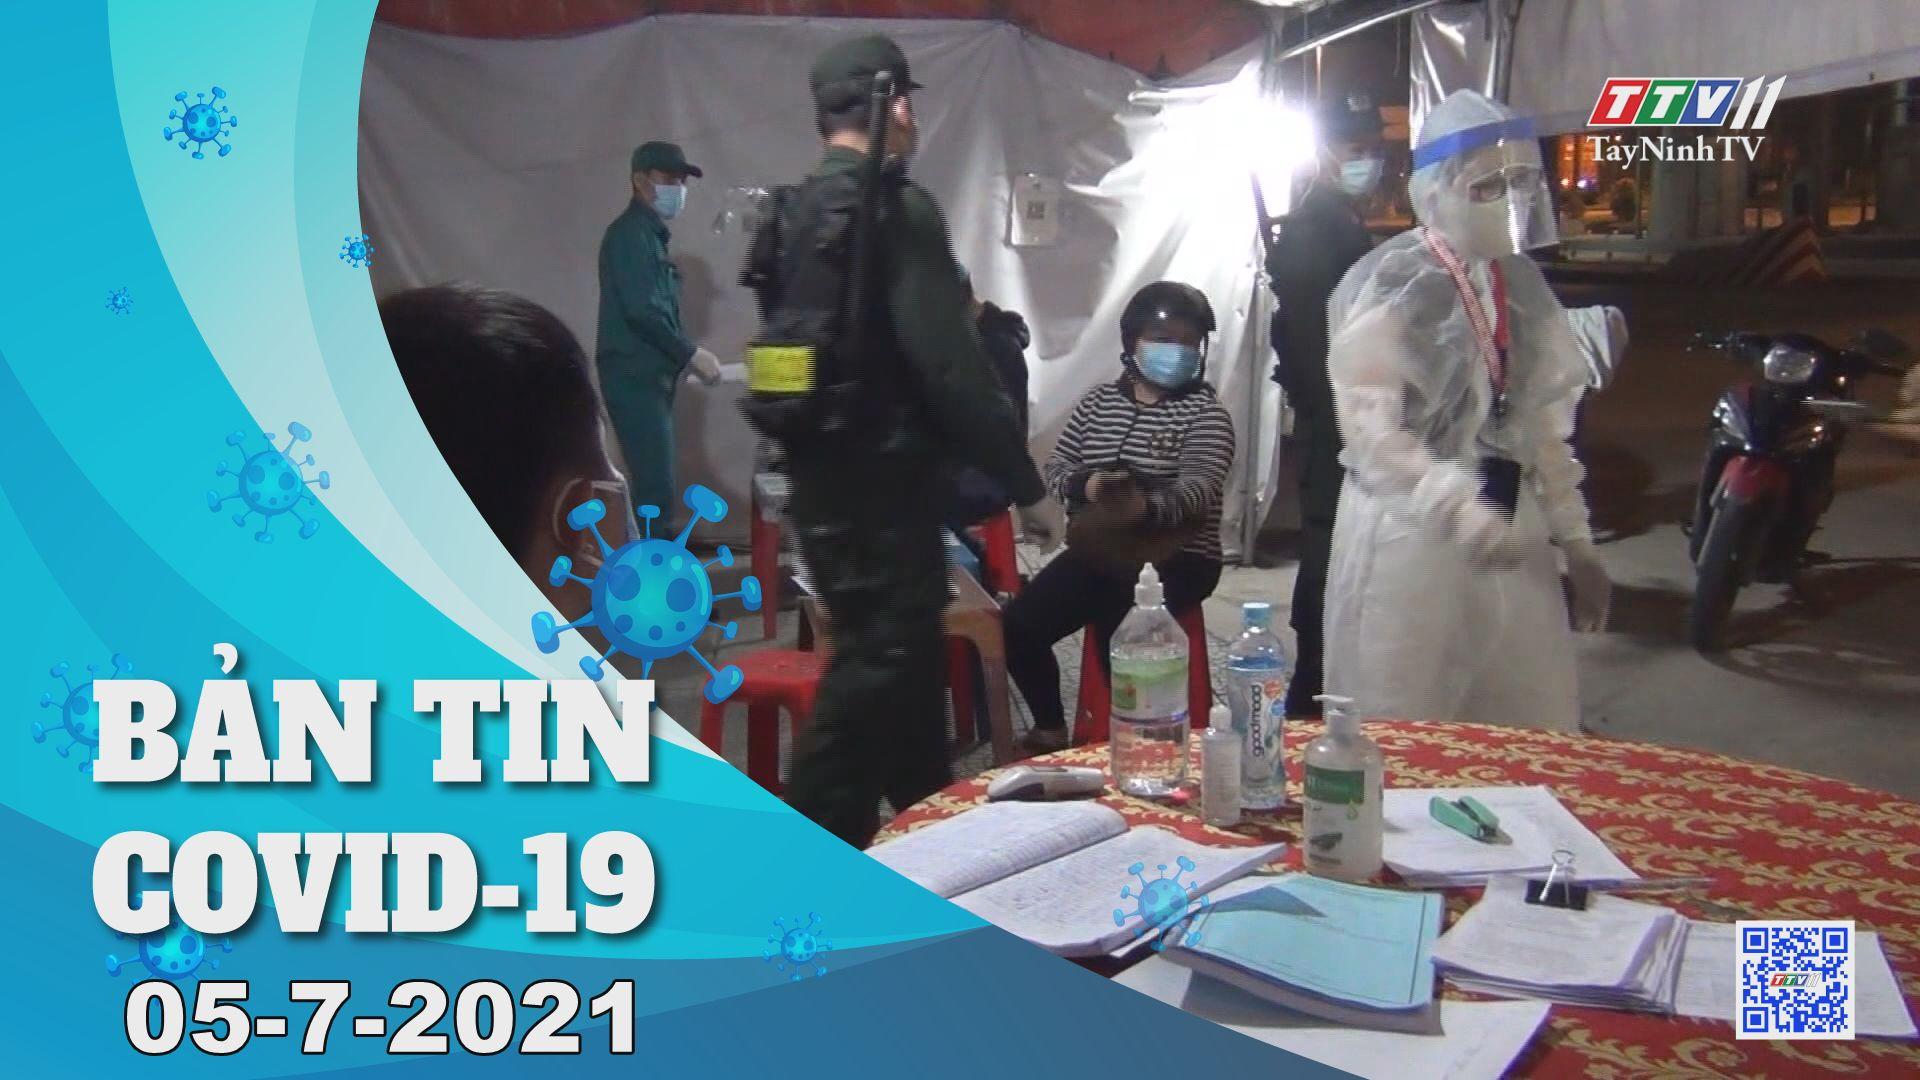 Bản tin Covid-19   Tin tức hôm nay 05-7-2021   TâyNinhTV